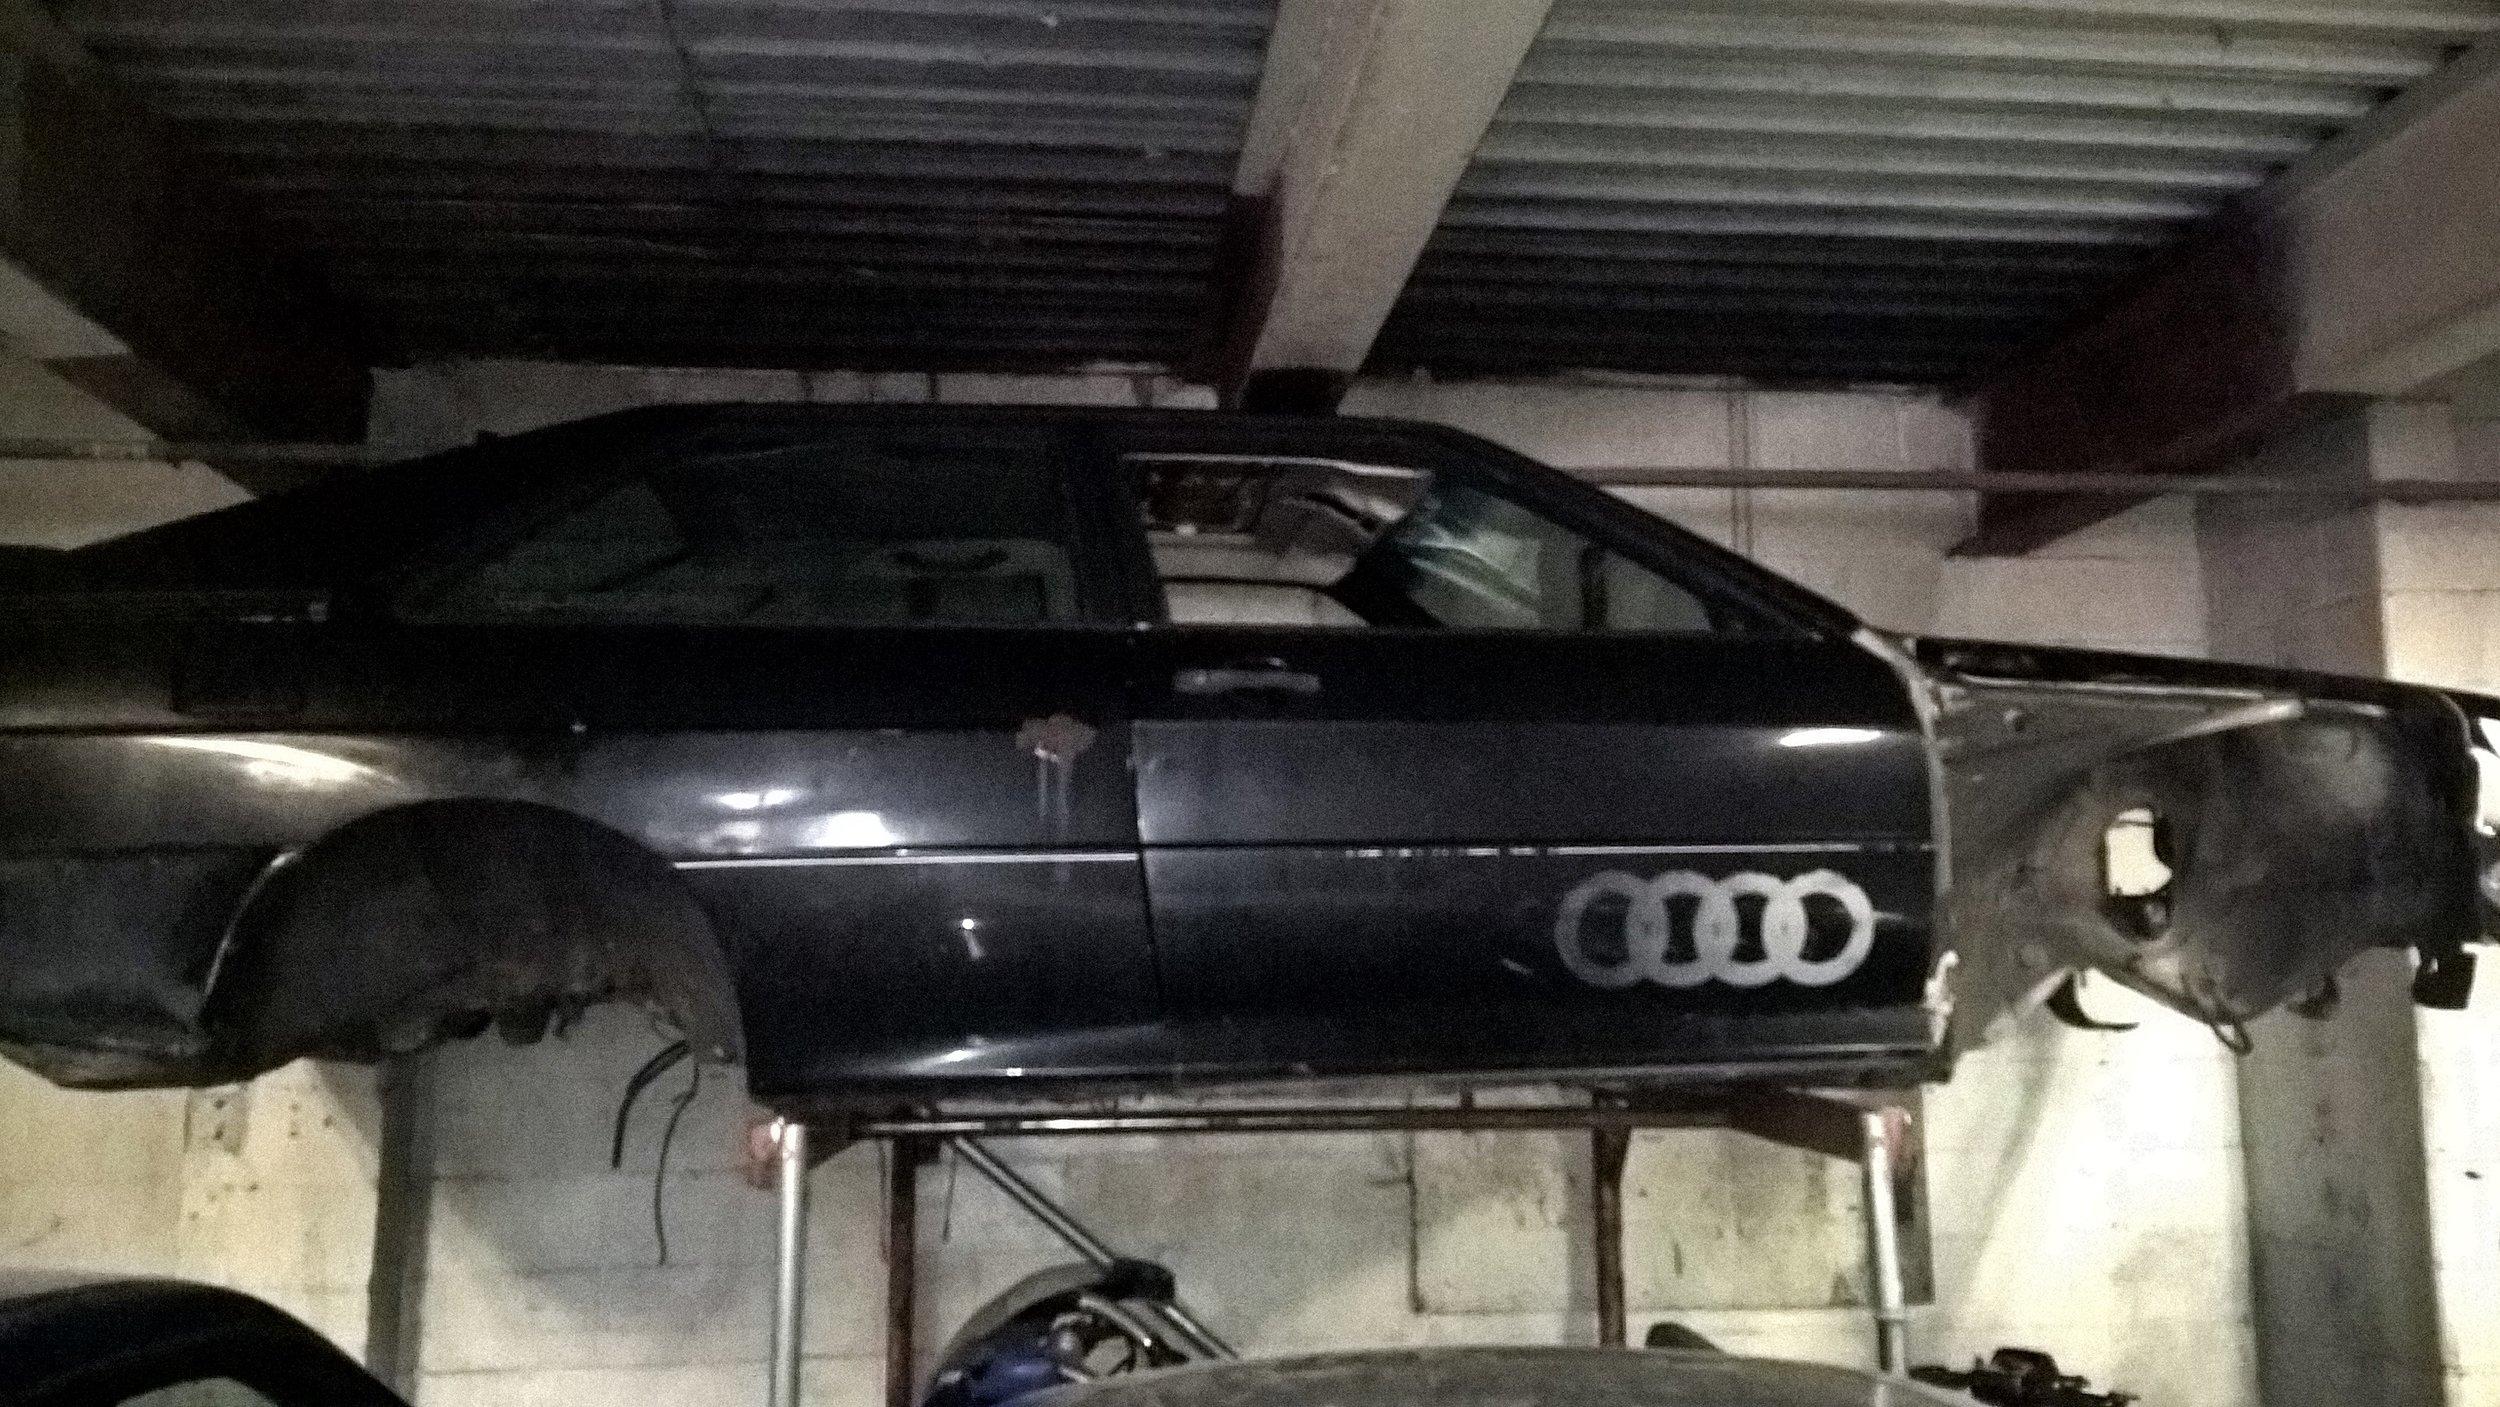 This Car